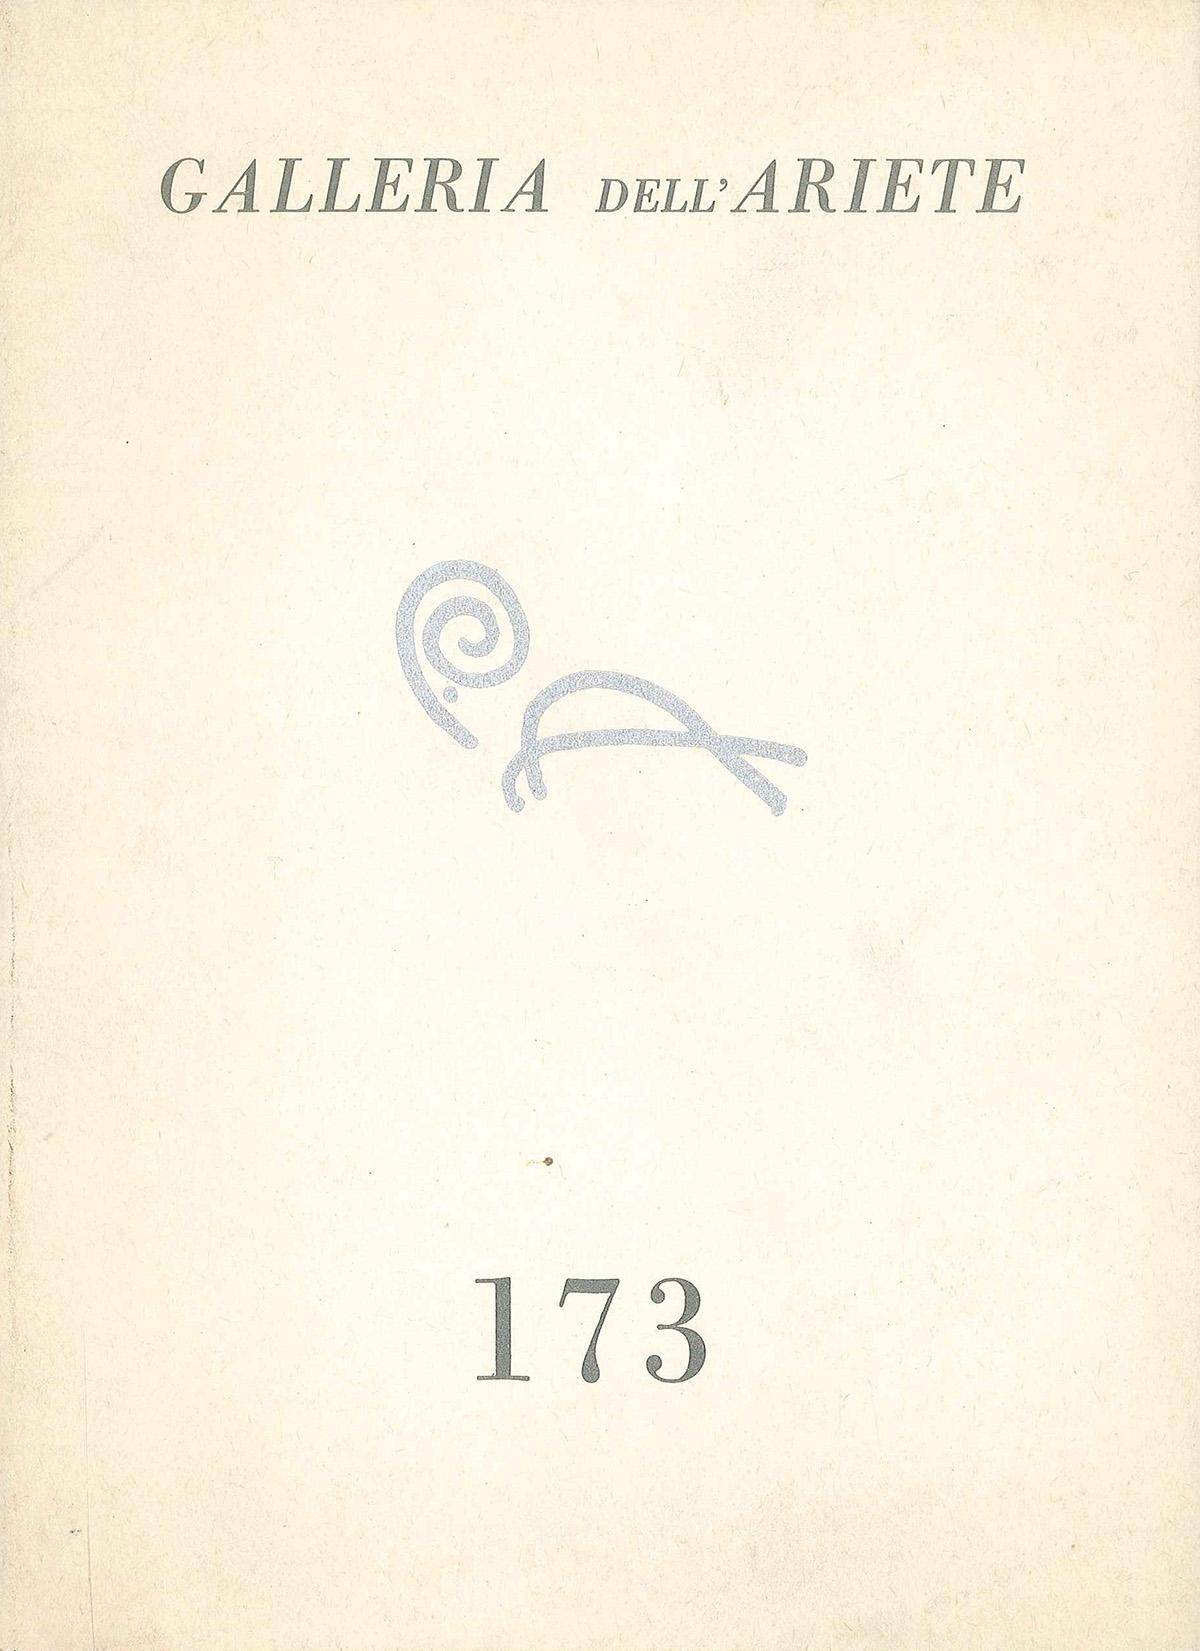 Copertina - Castellani, 1972, Galleria dell'Ariete, Milano, Getty - Collection Inventories and Finding Aids